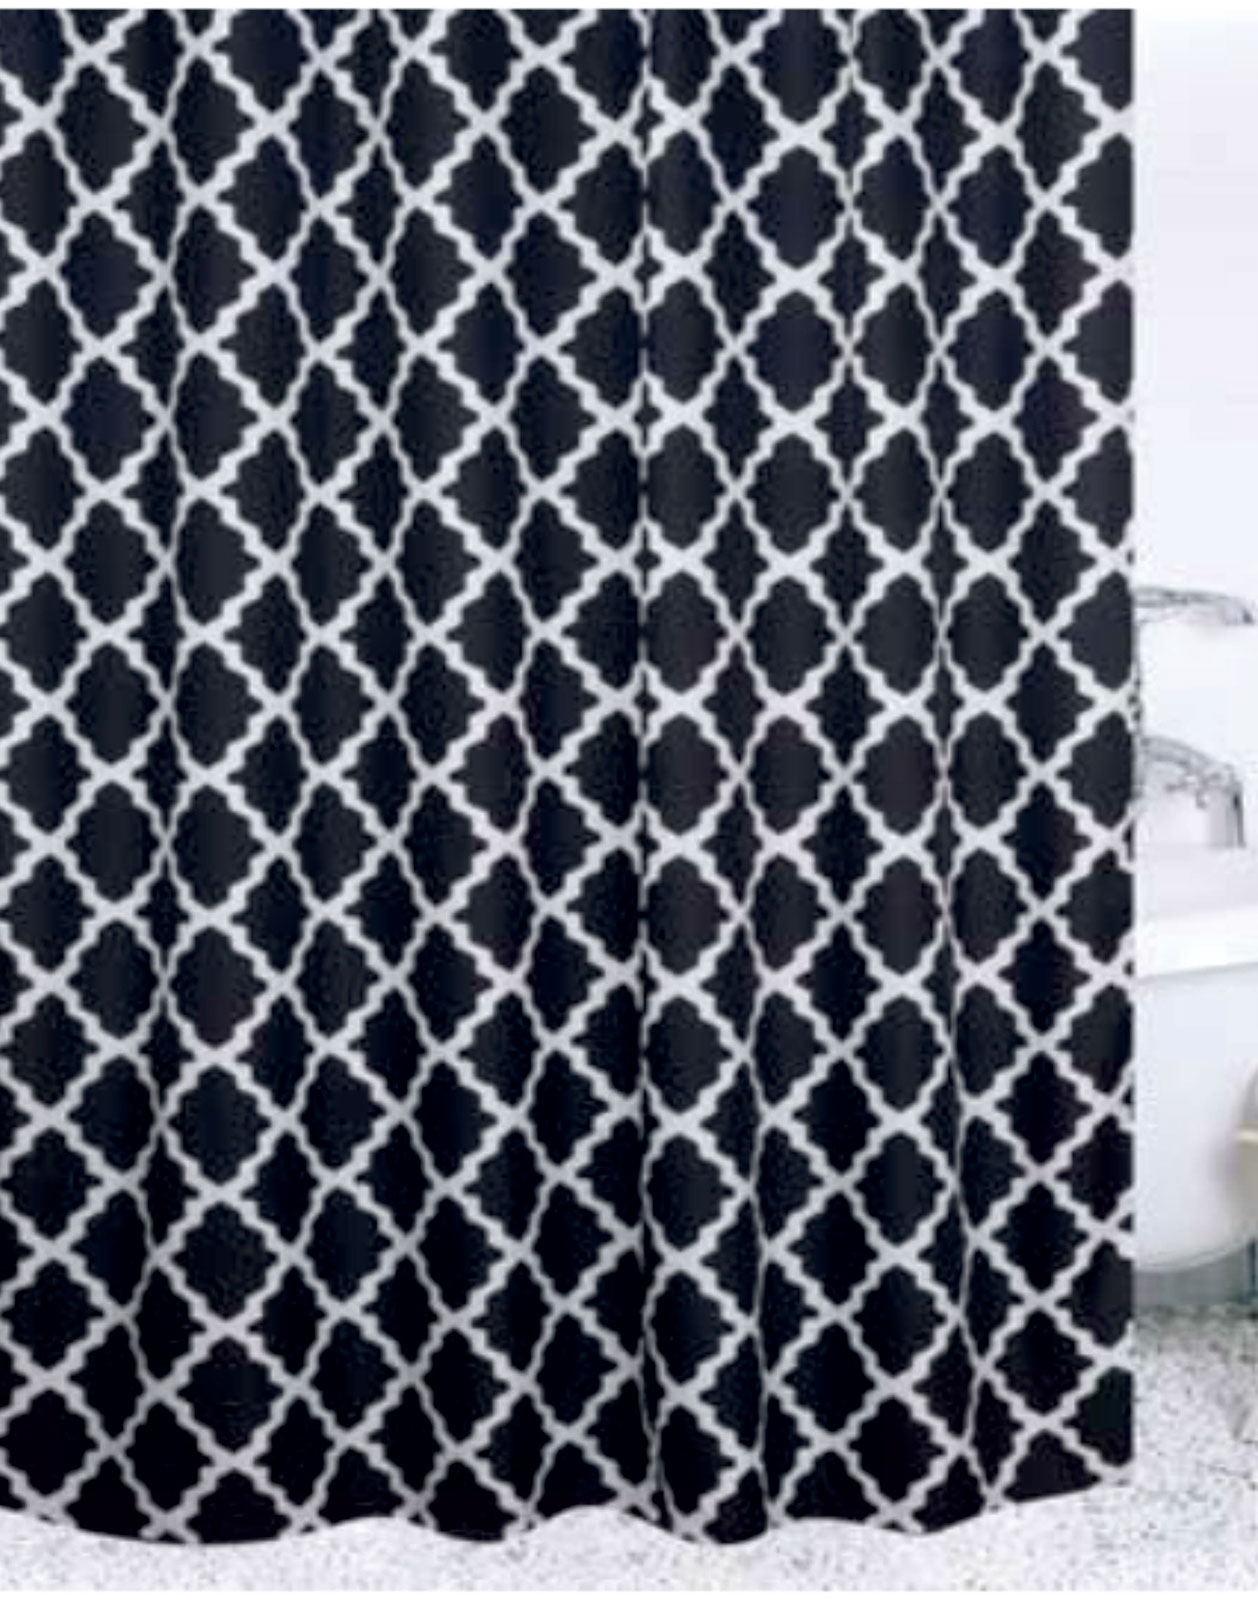 Badtextilien - Textil Duschvorhang Badewannenvorhang Vorhang 180x200 incl. 12 Ringe 568230 Rhomp  - Onlineshop PremiumShop321